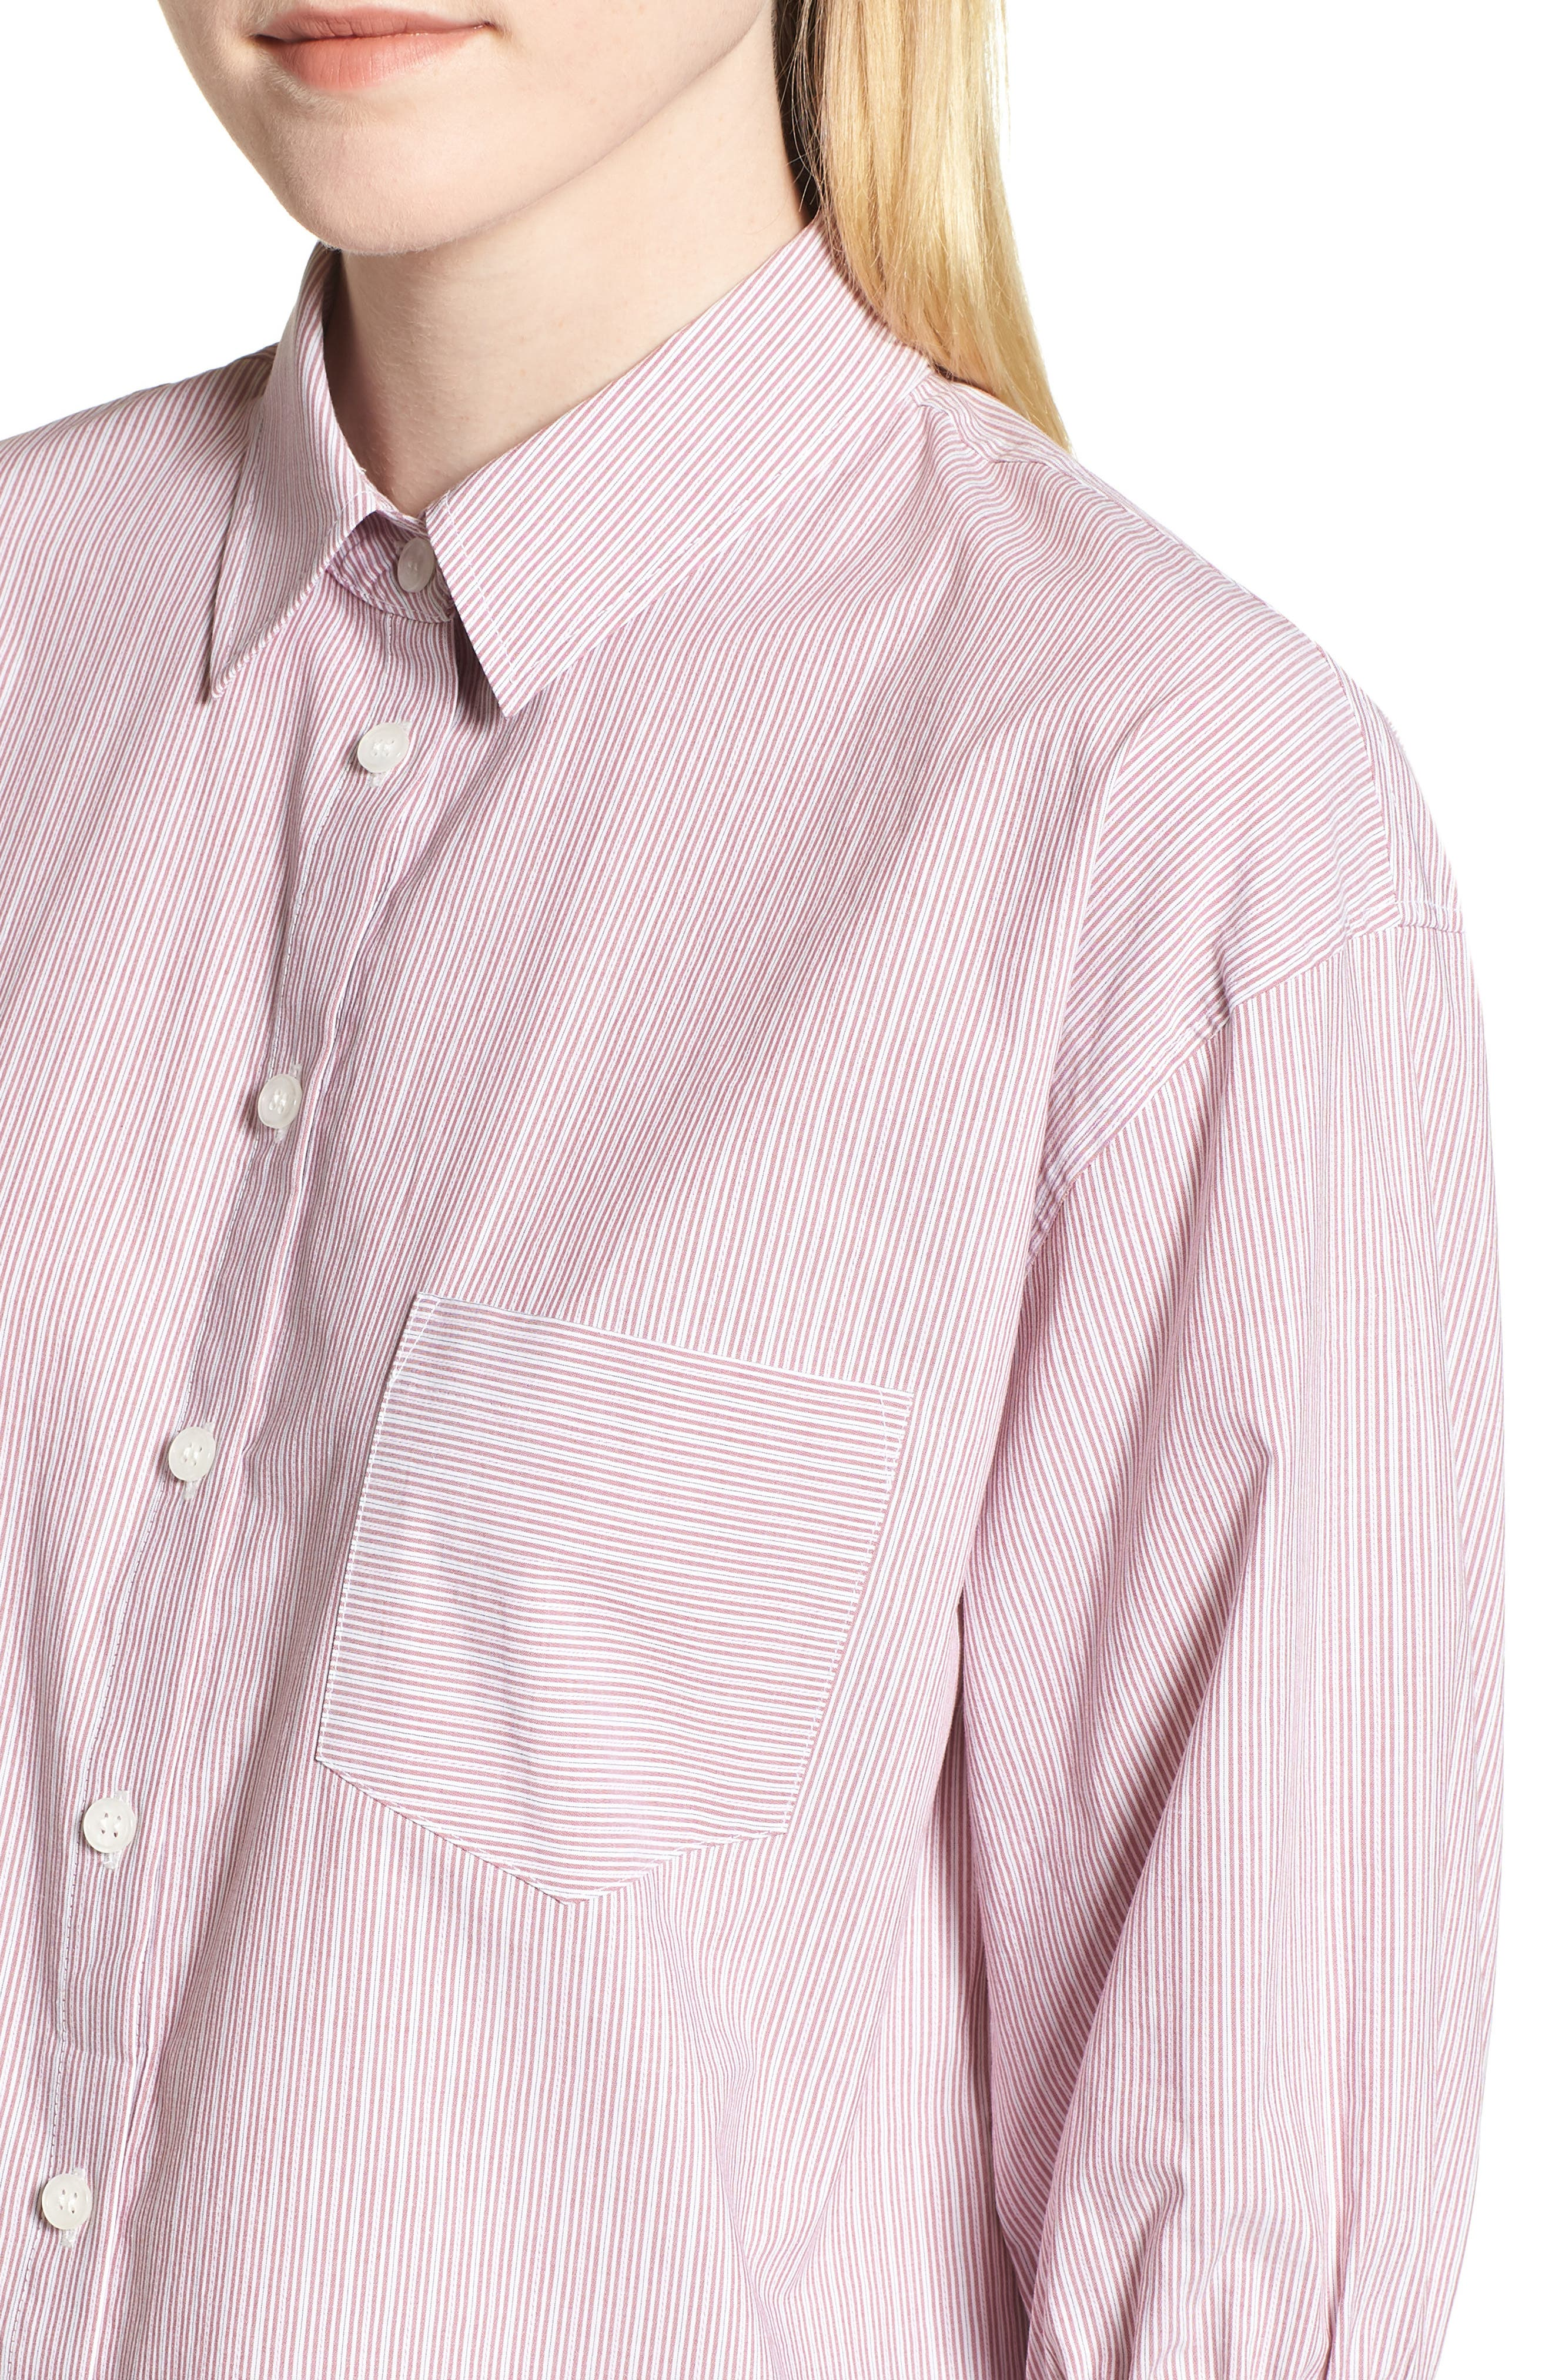 Stripe Shirt,                             Alternate thumbnail 4, color,                             938